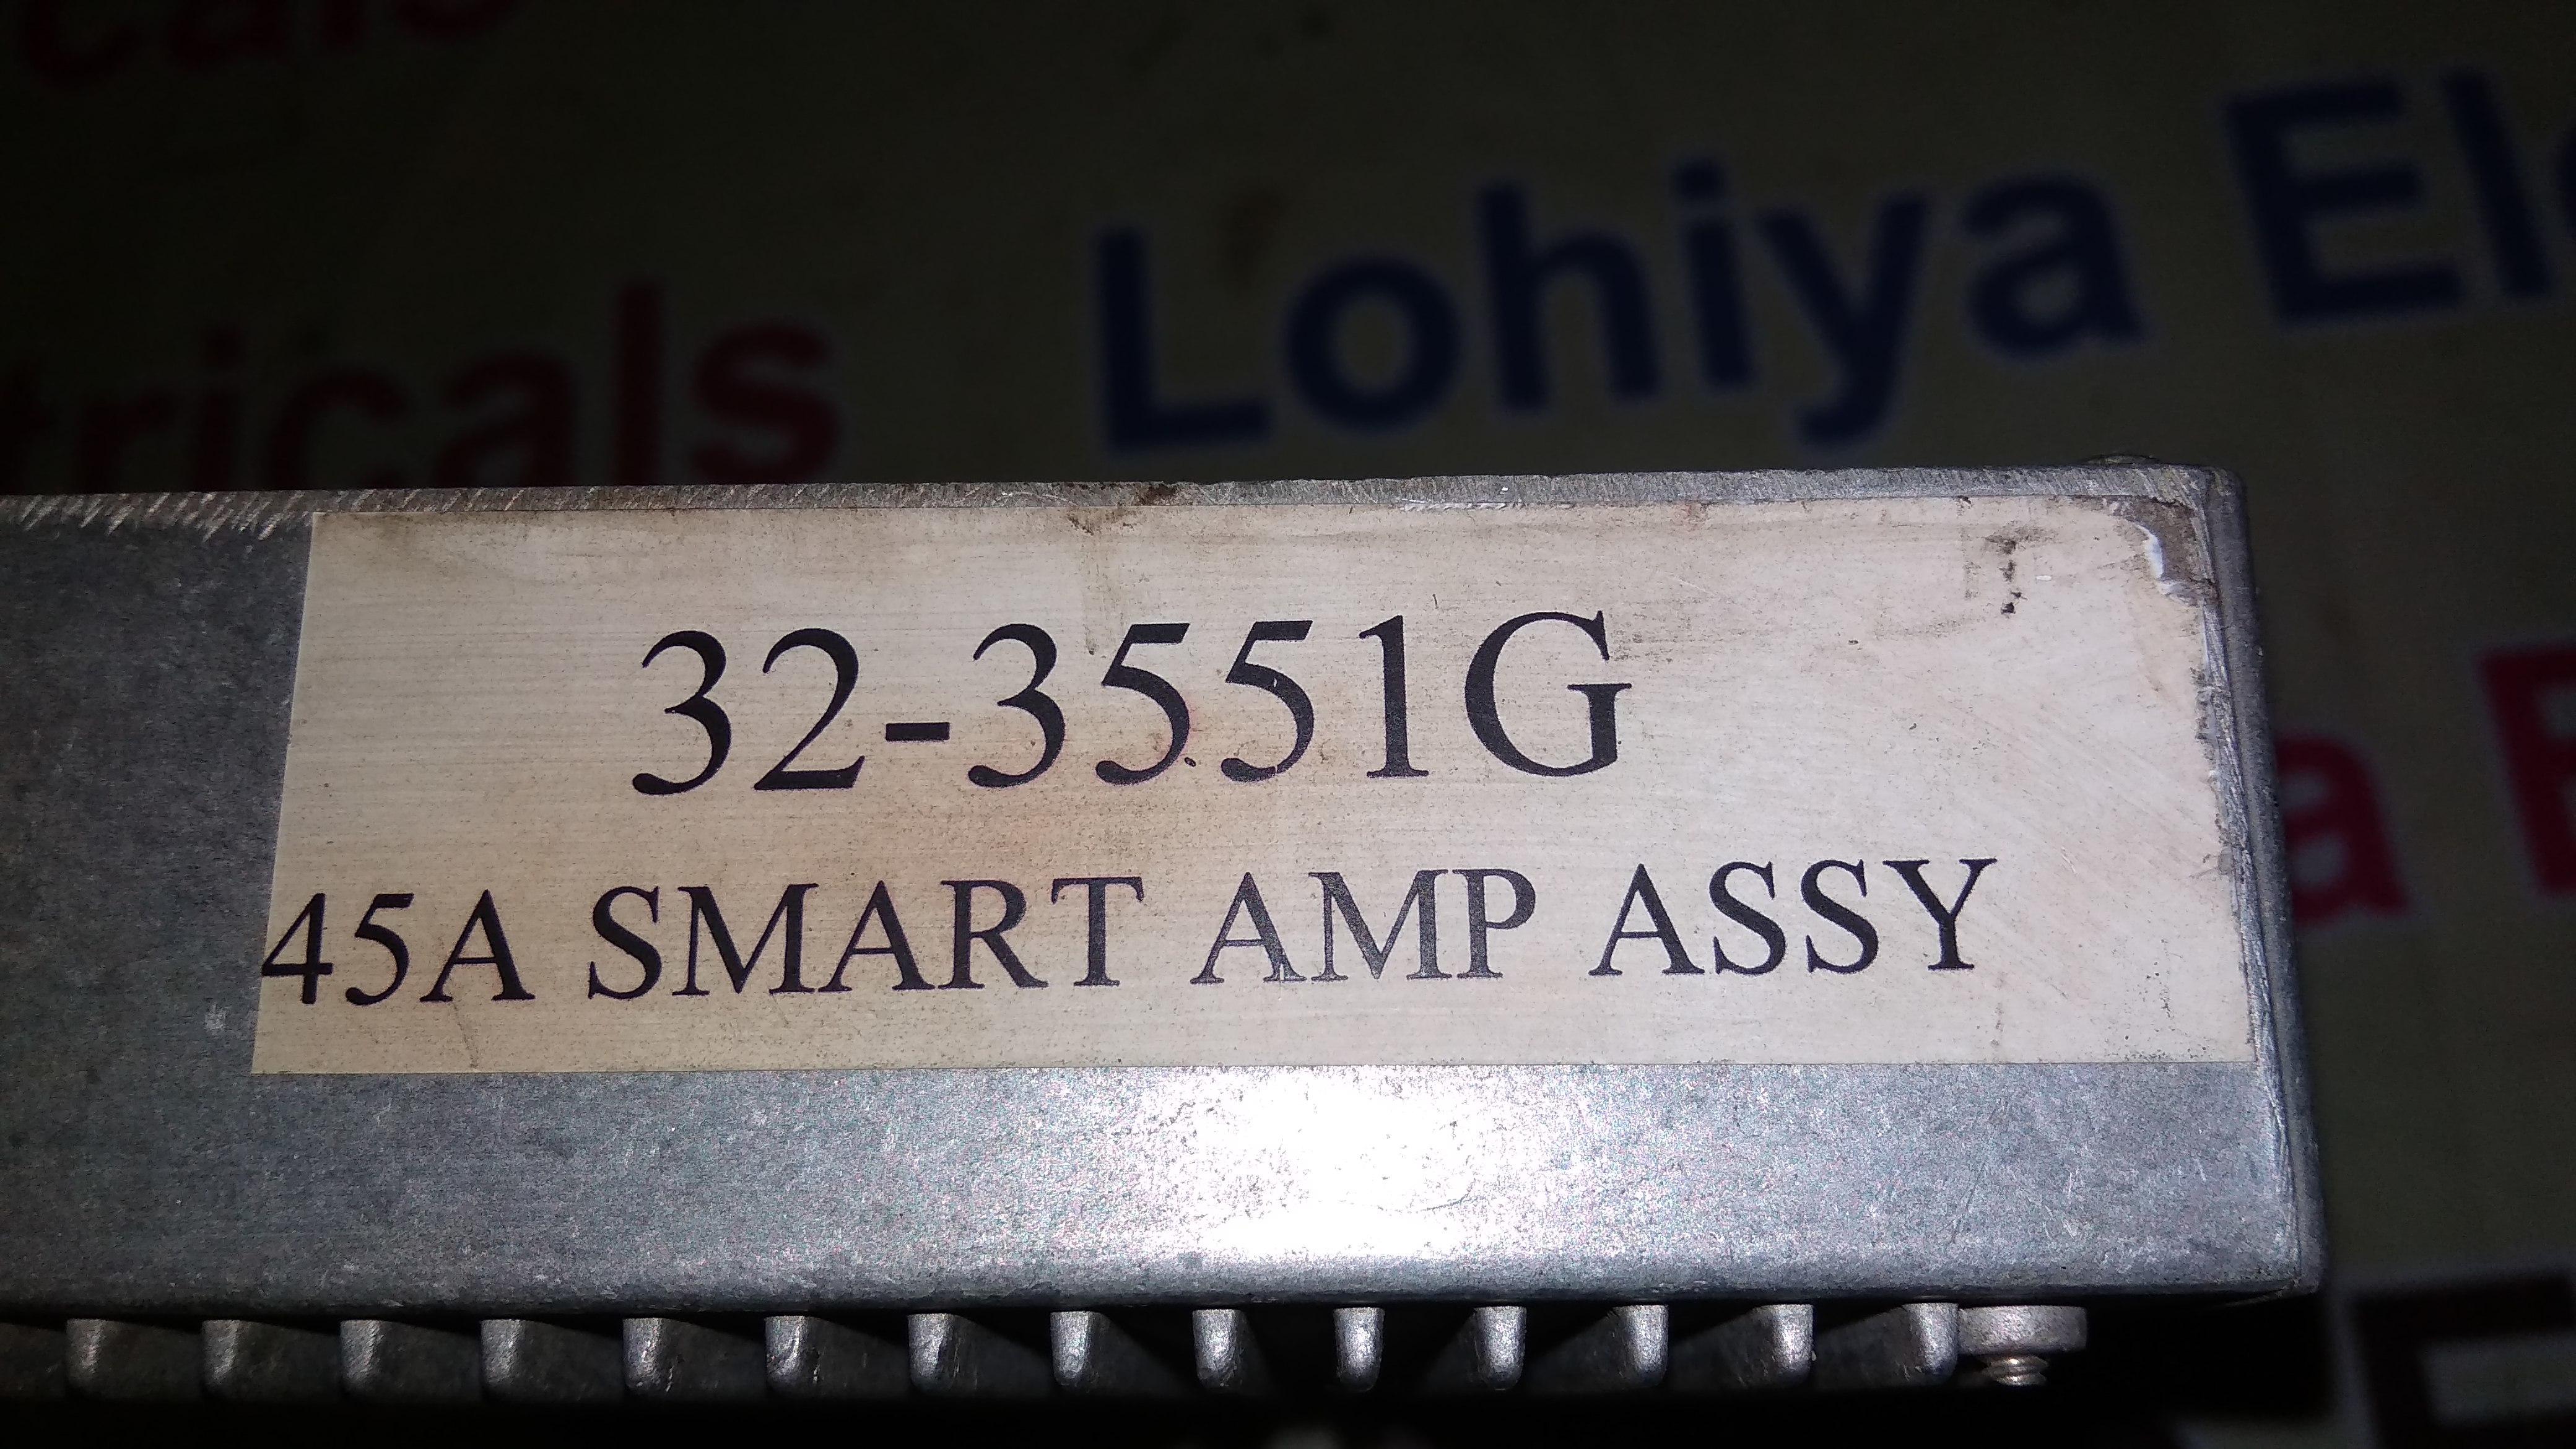 HAAS AMPLIFIER MODULE 32-3551G